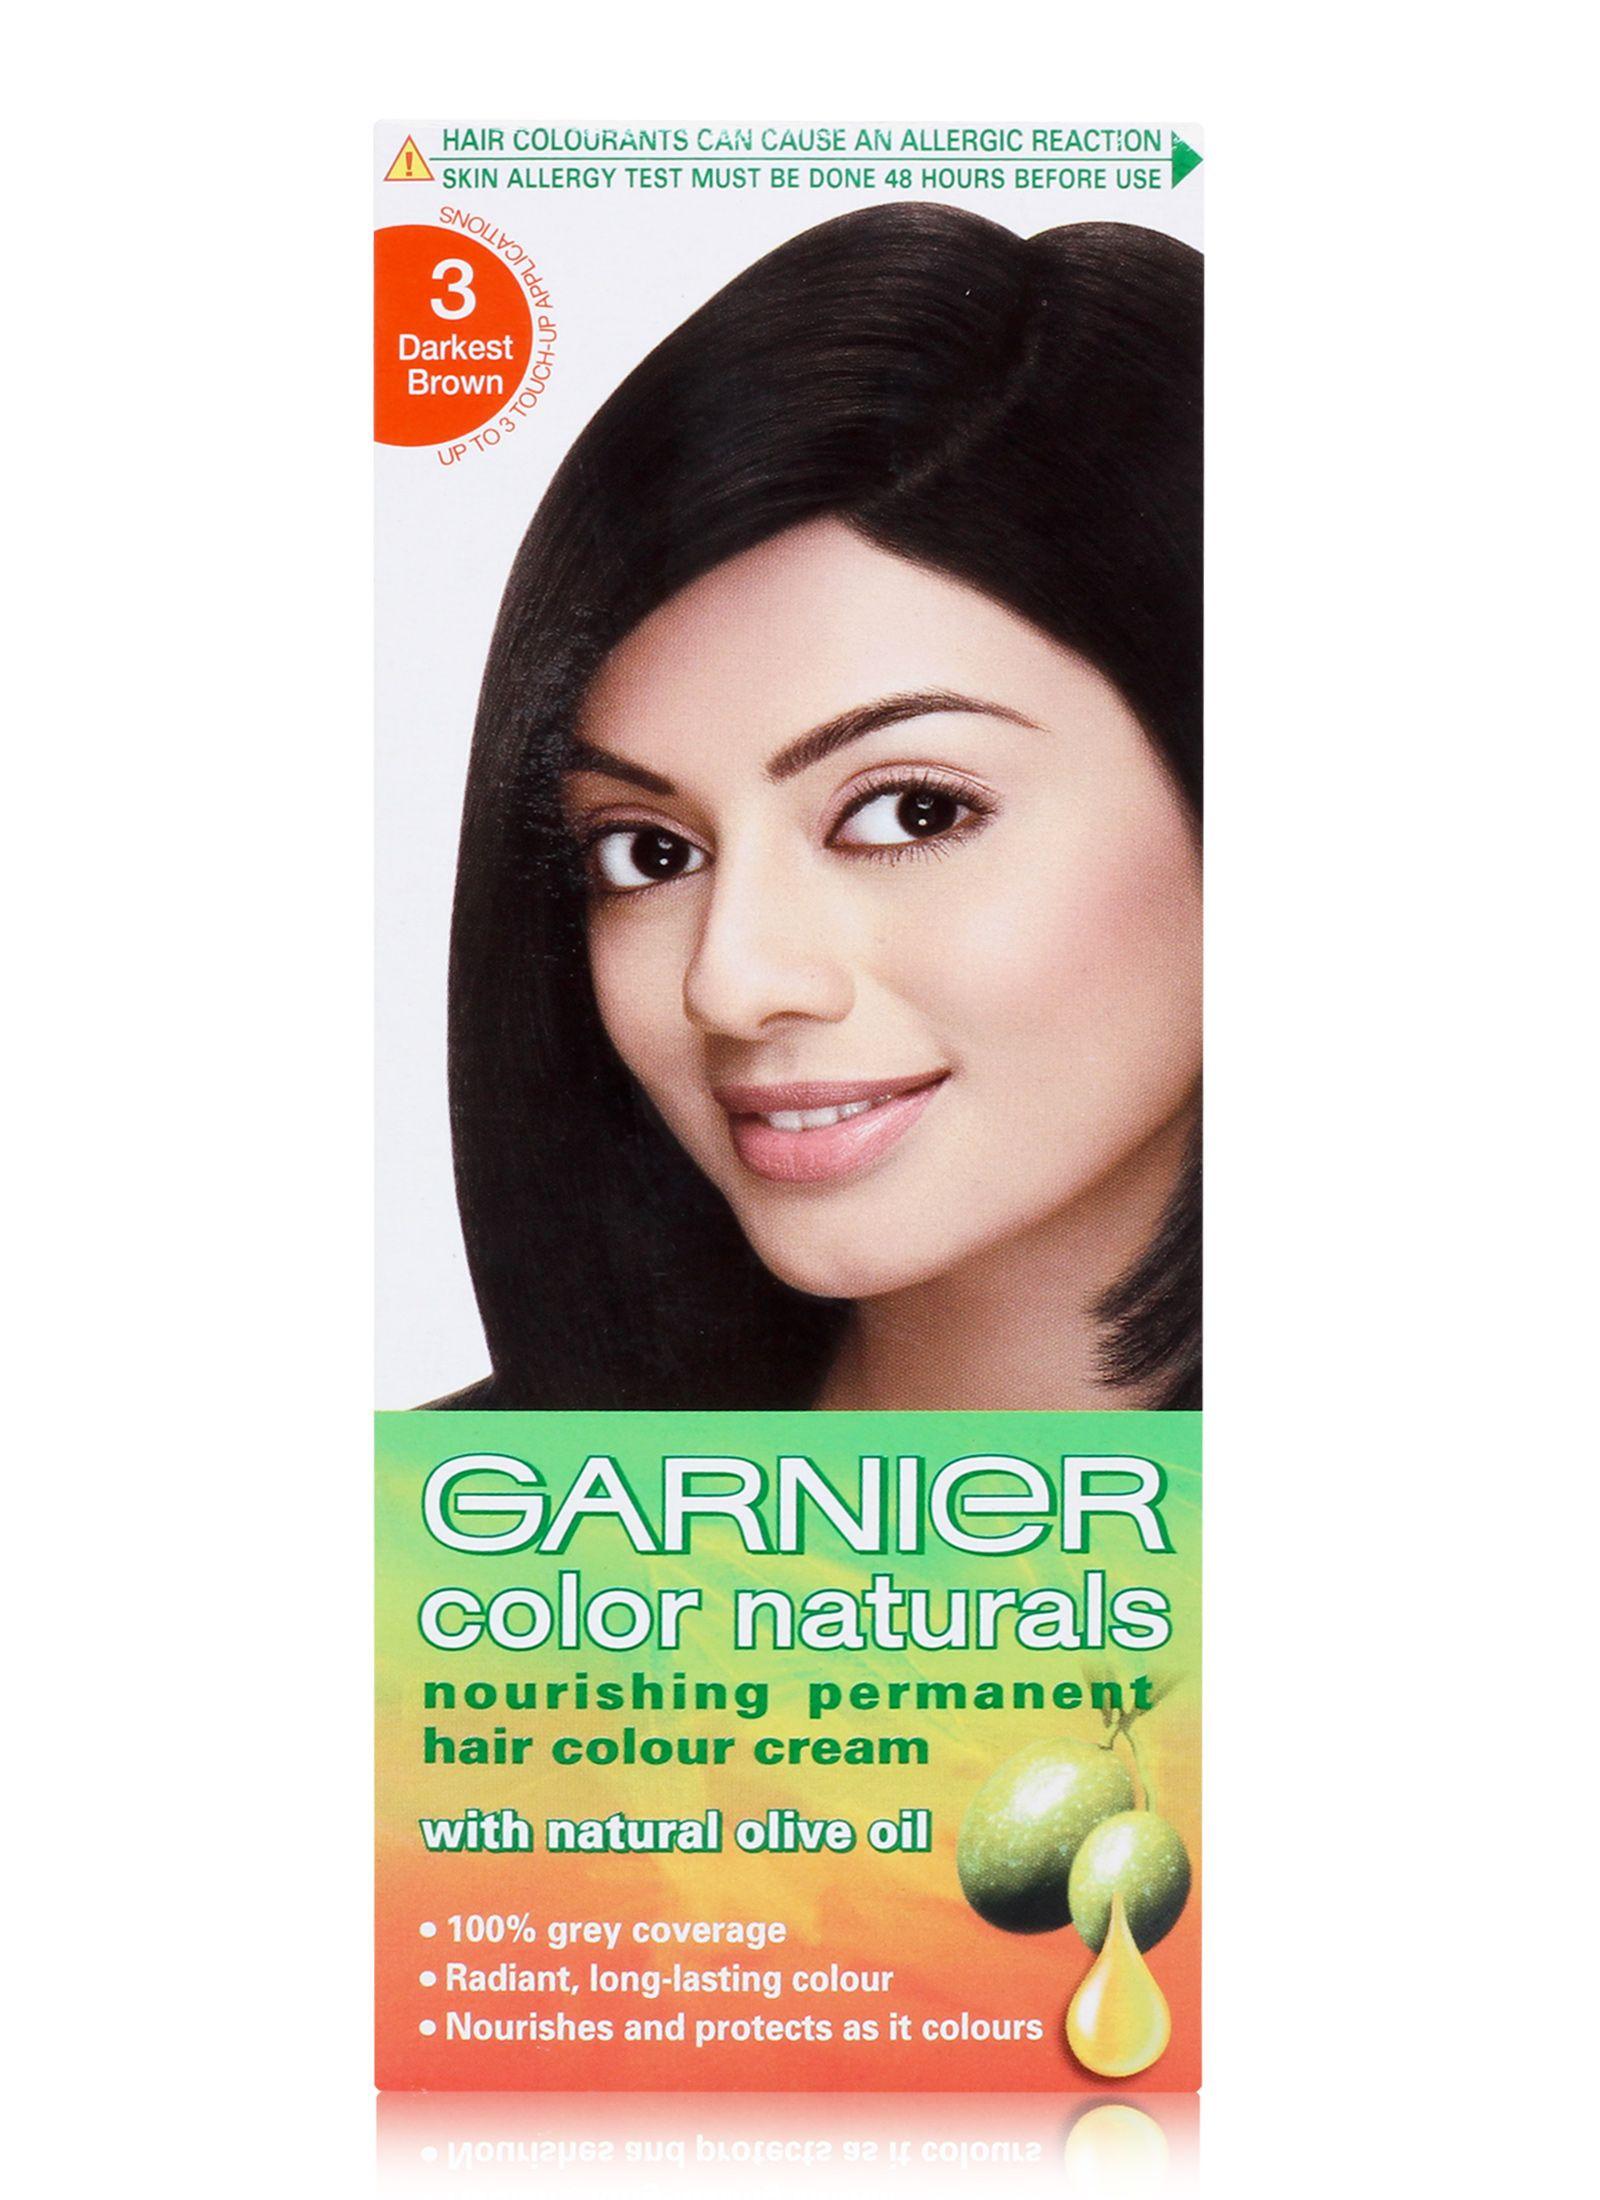 Garnier_2